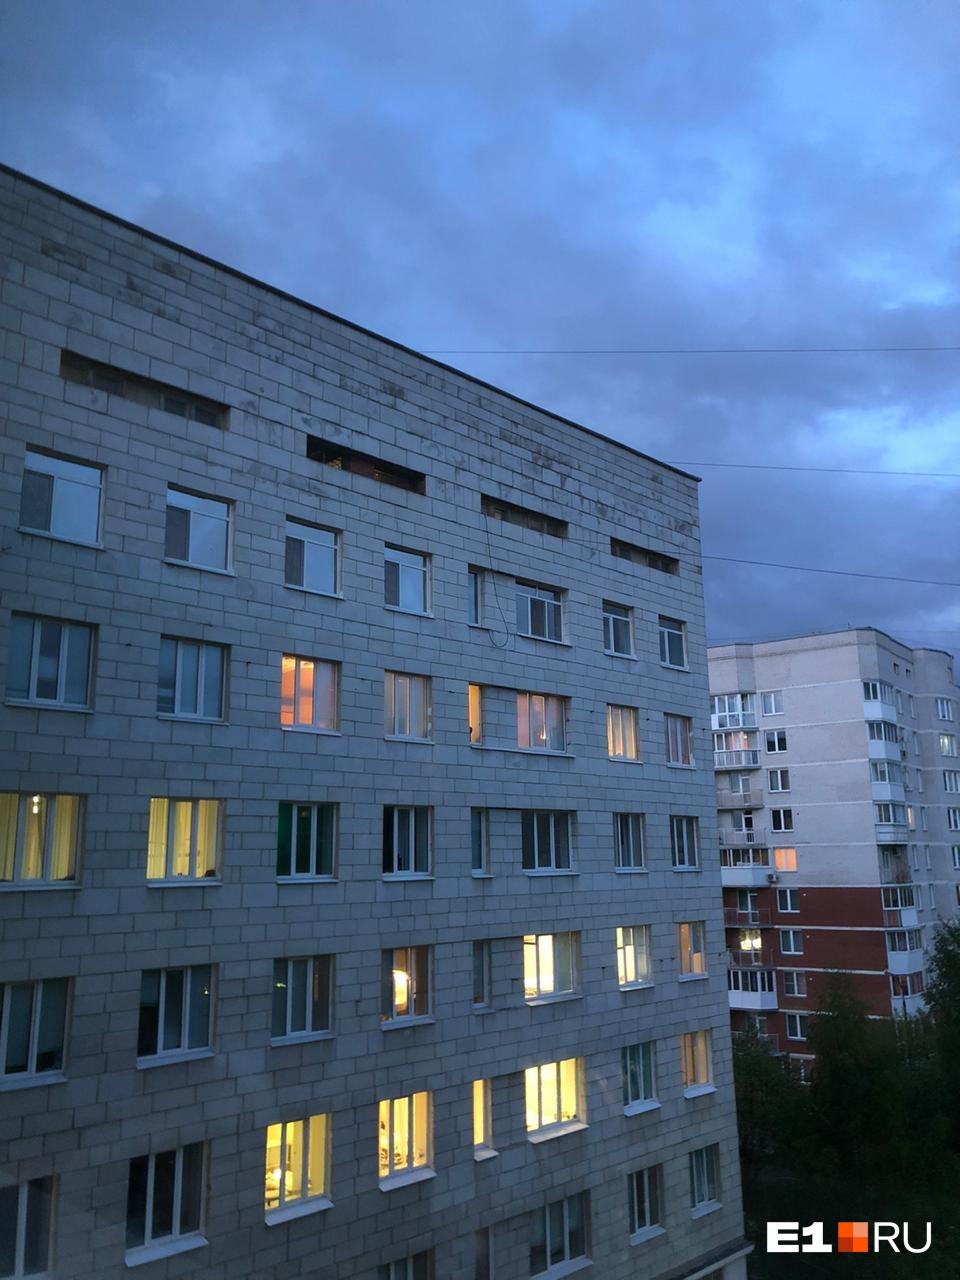 Немного вида из окна госпиталя